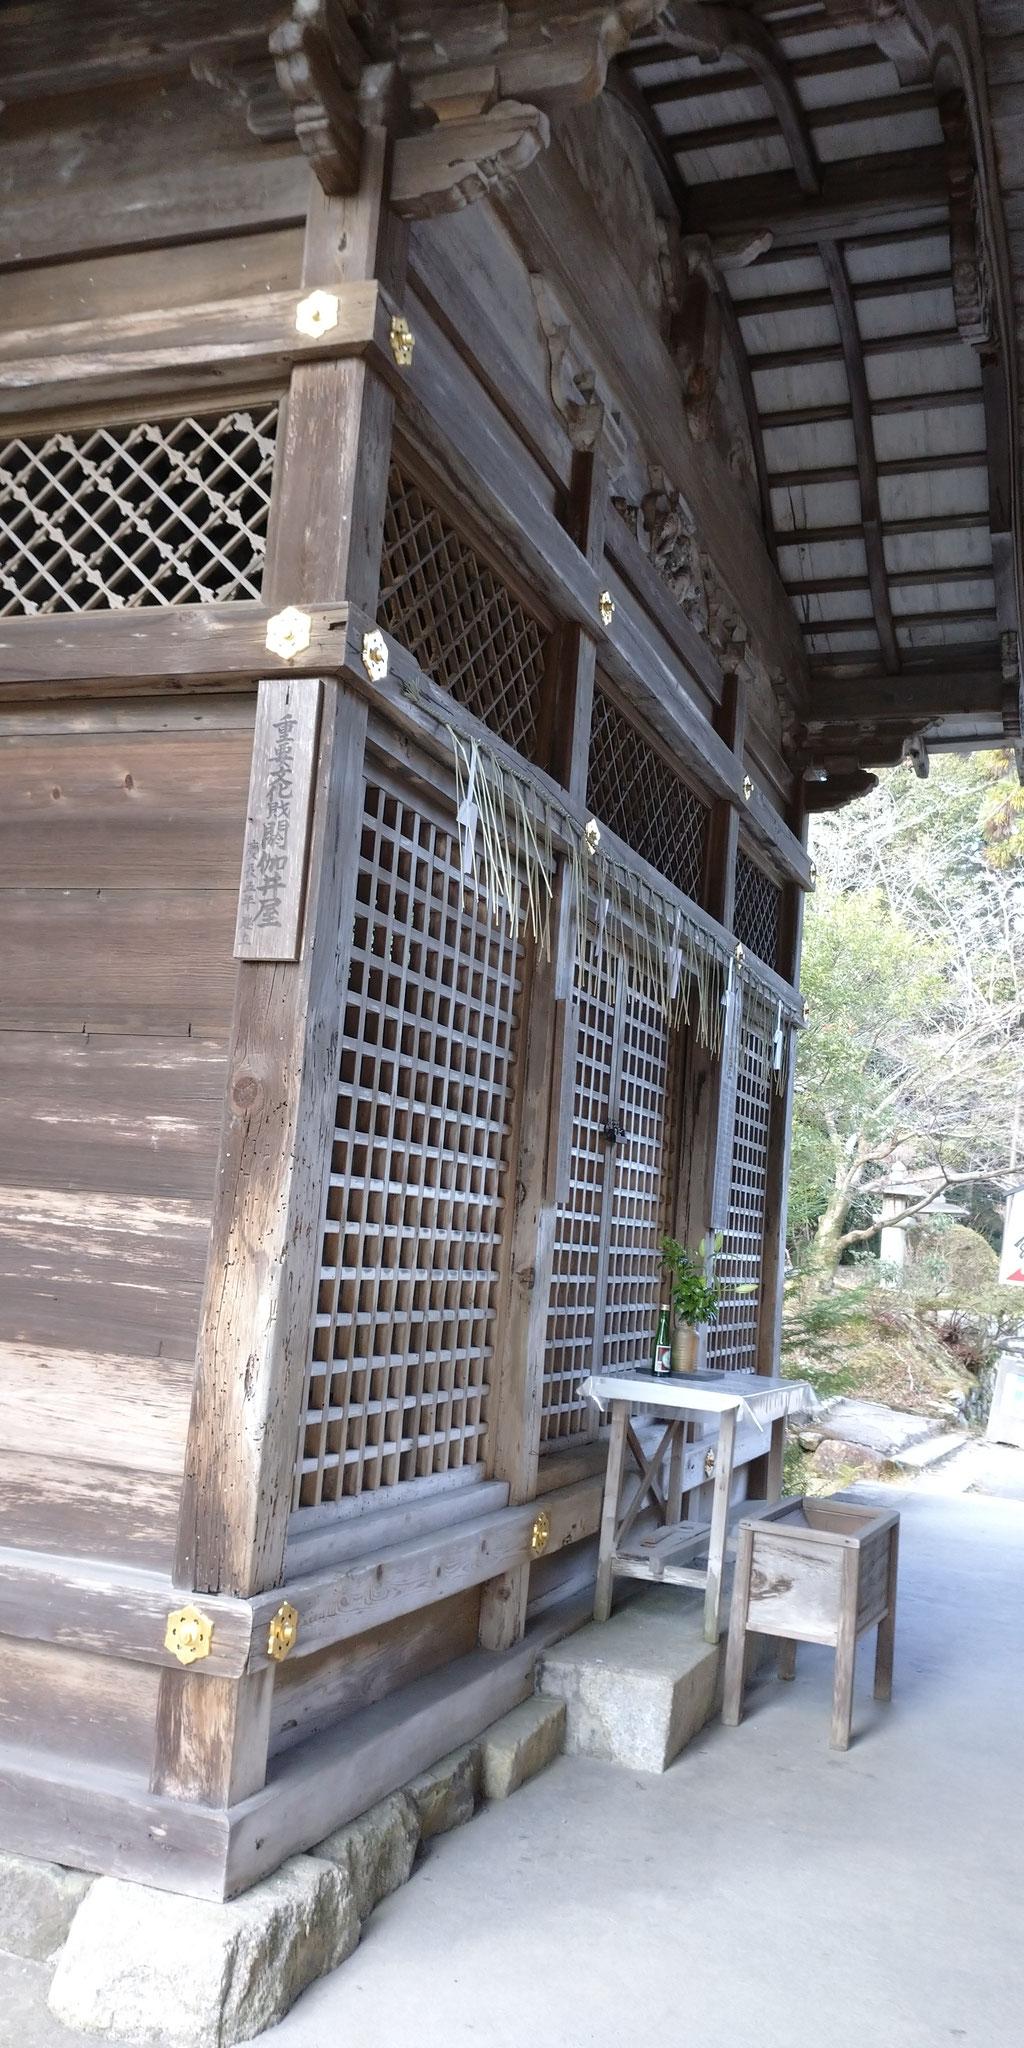 伝説の「三井の霊泉」が湧く閼伽井屋(あかいや)